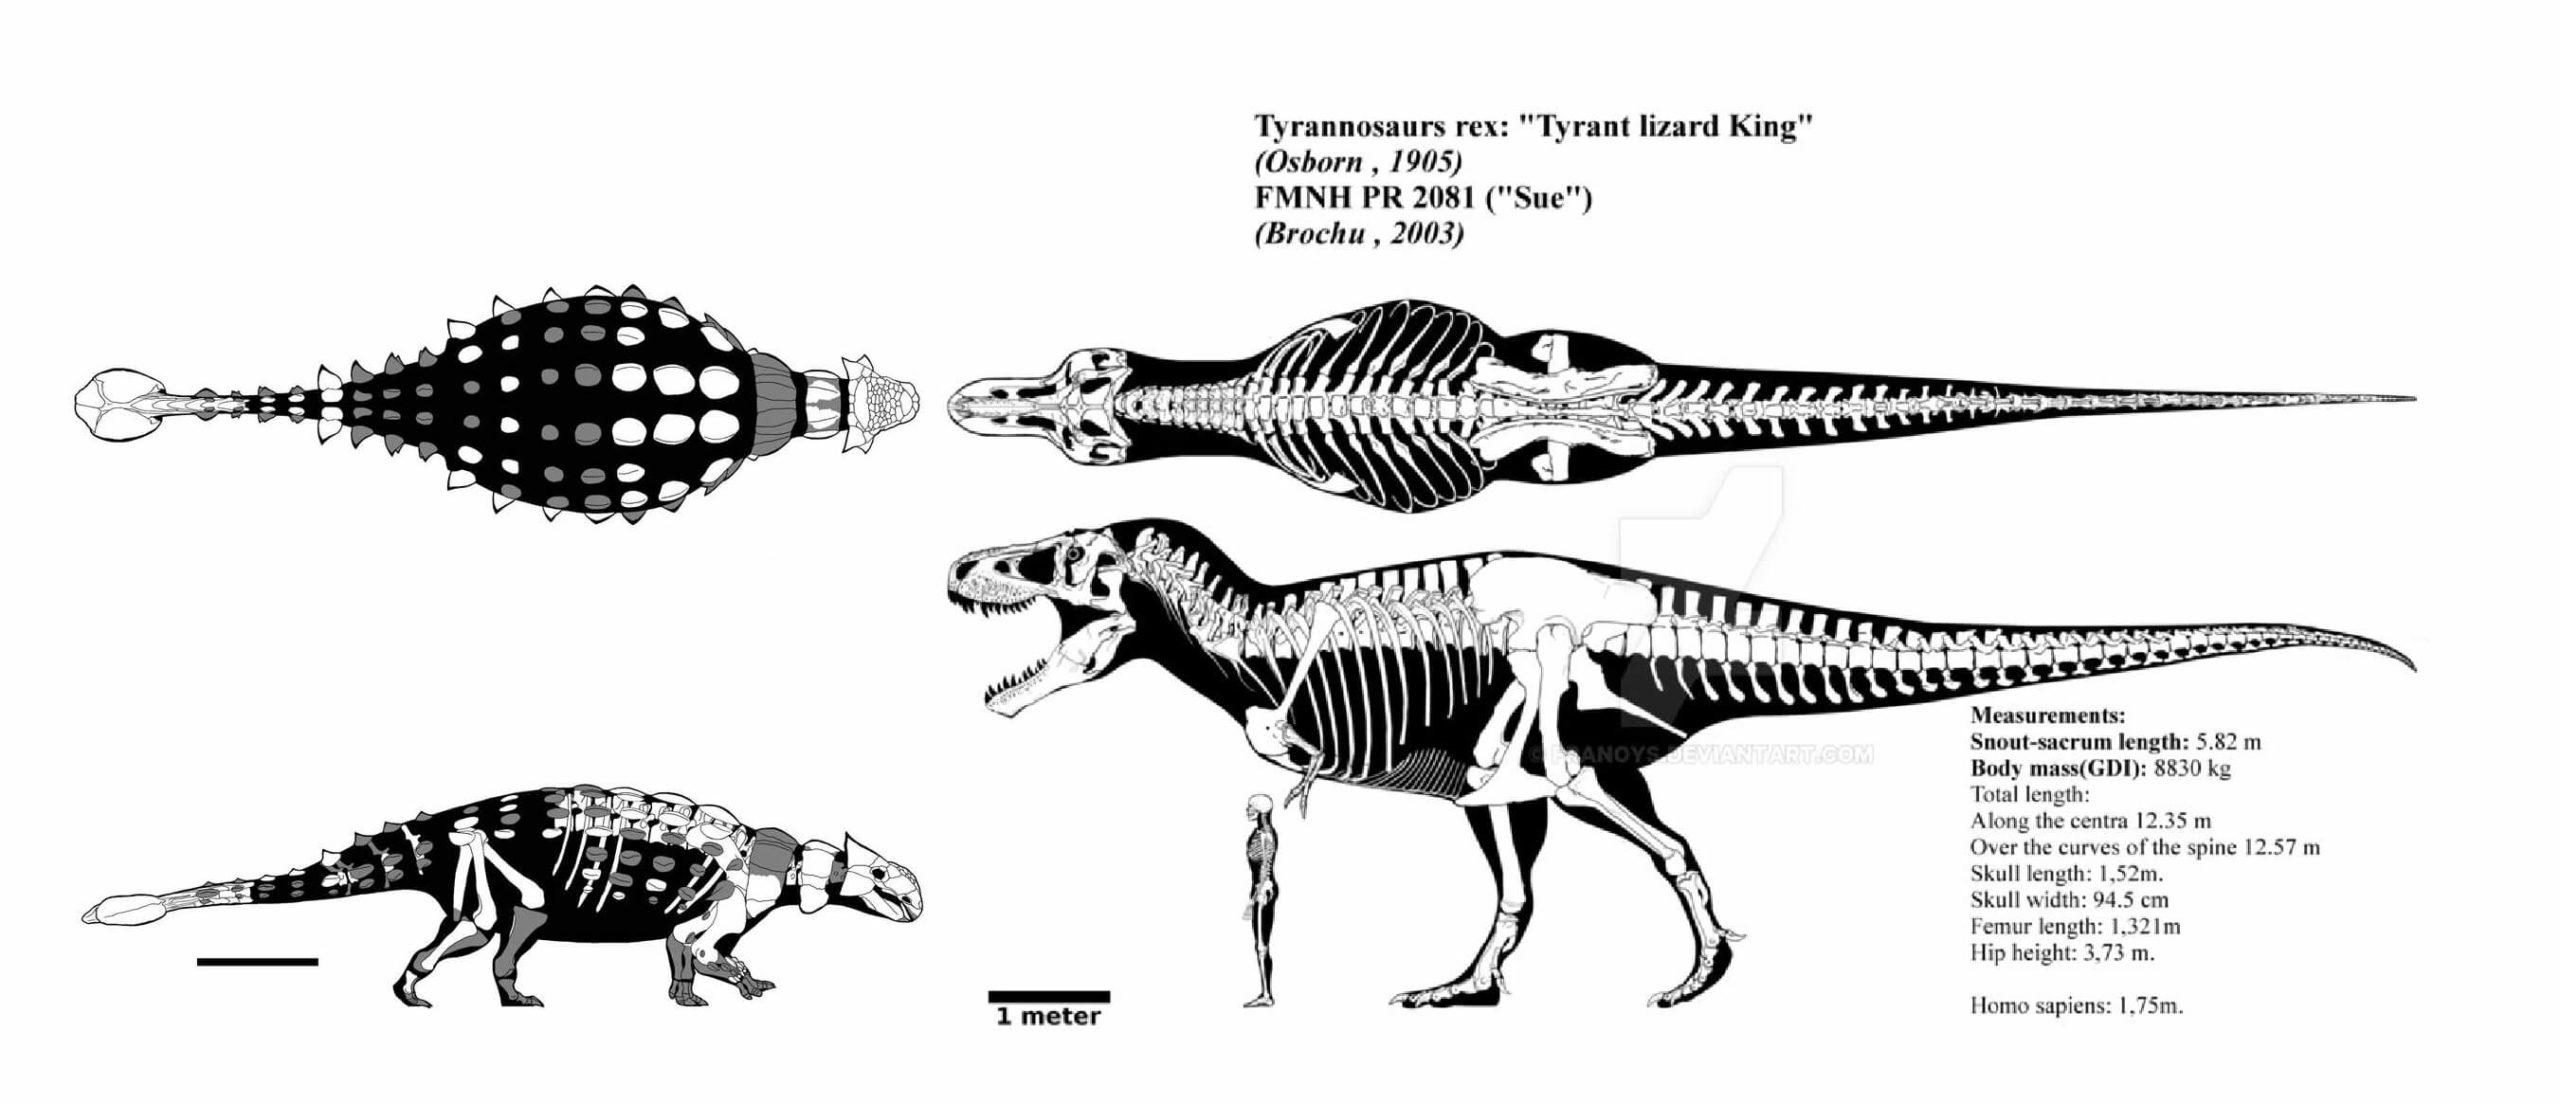 Сравнение размеров анкилозавра и тираннозавра